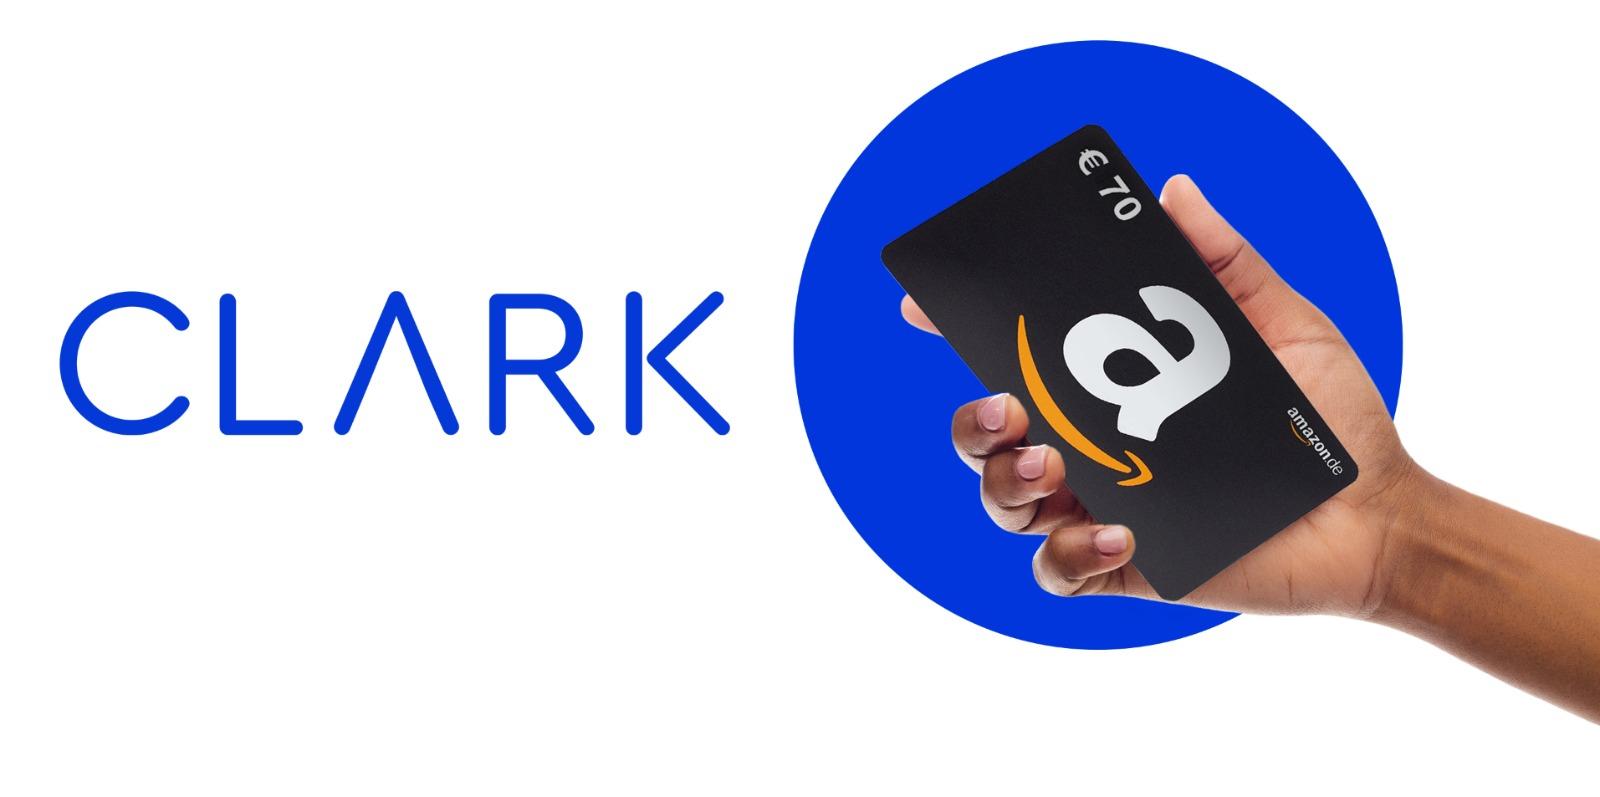 Clark Versicherungsvergleich: 70 € Amazon Gutschein für 2 beliebige Versicherungen und Erteilung der Maklervollmacht für 12 Monate